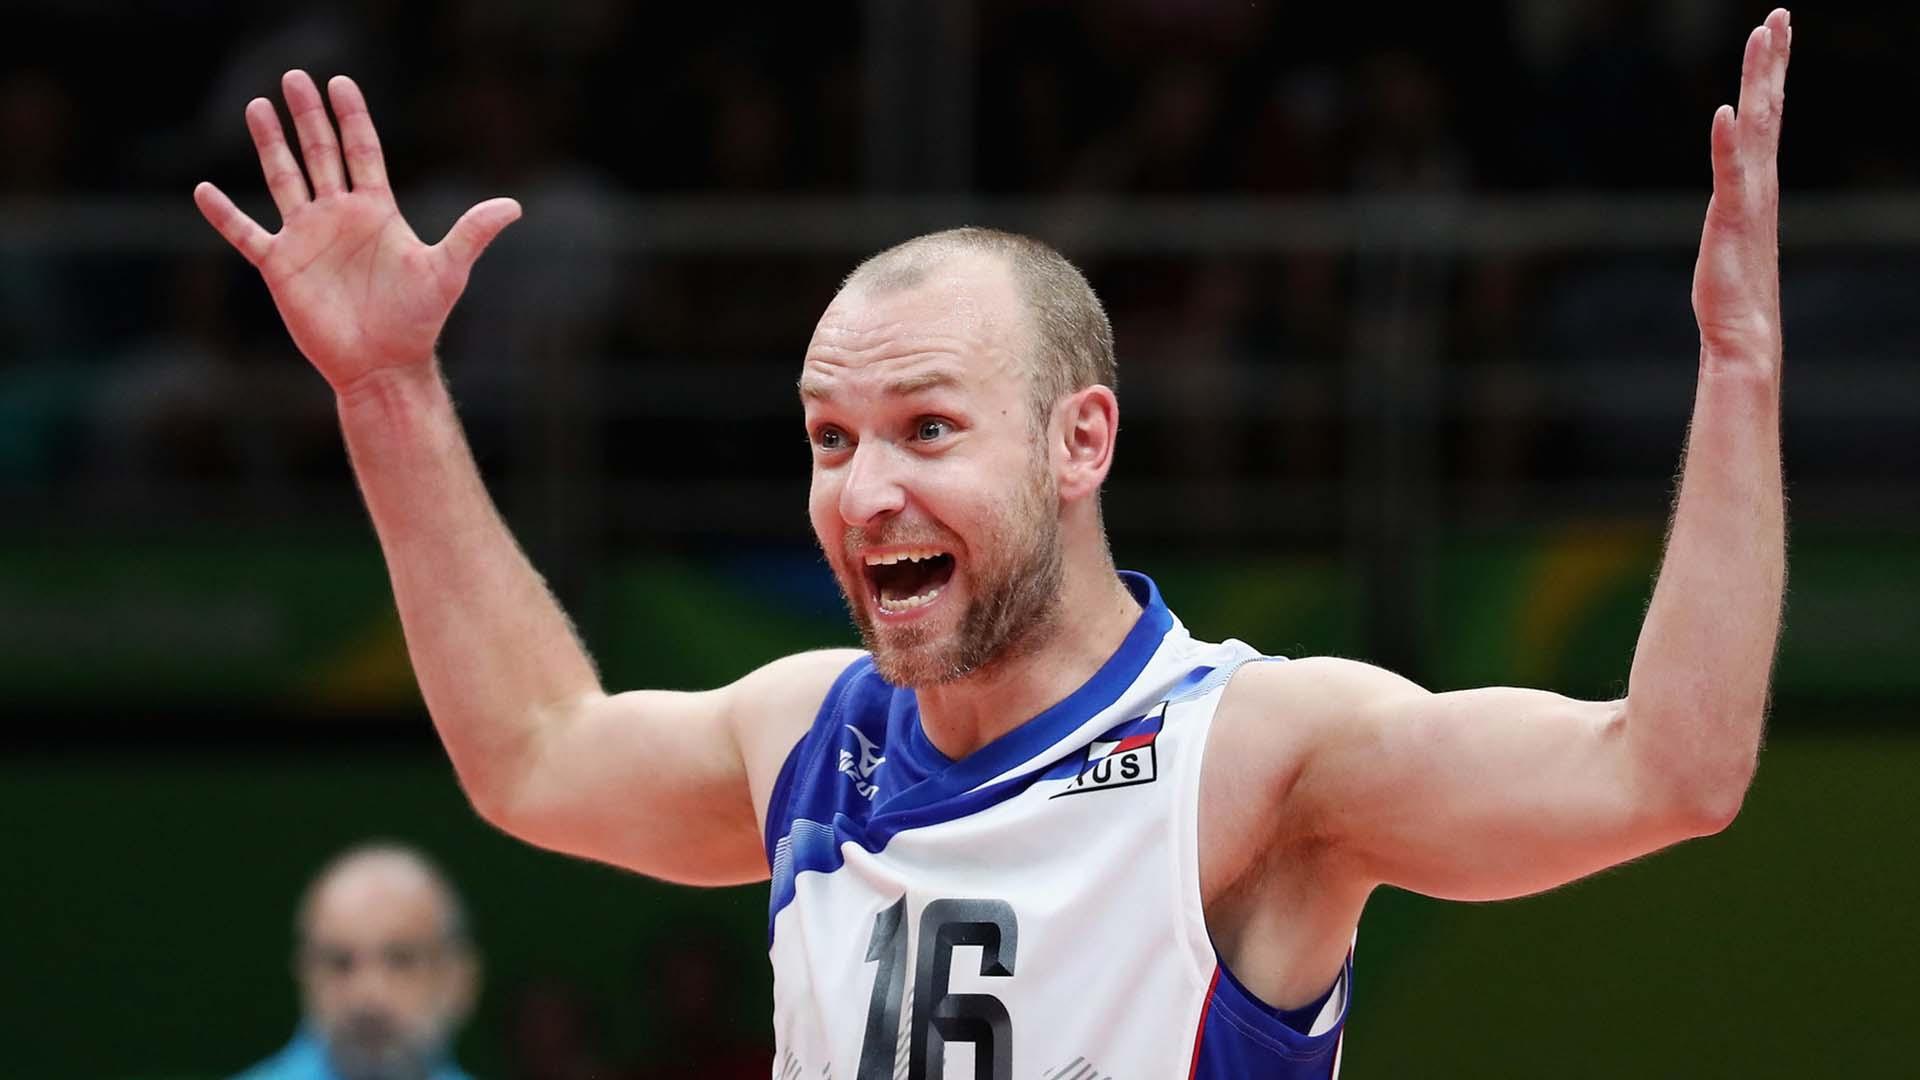 melhores líberos de vôlei do mundo Alexey Verbov